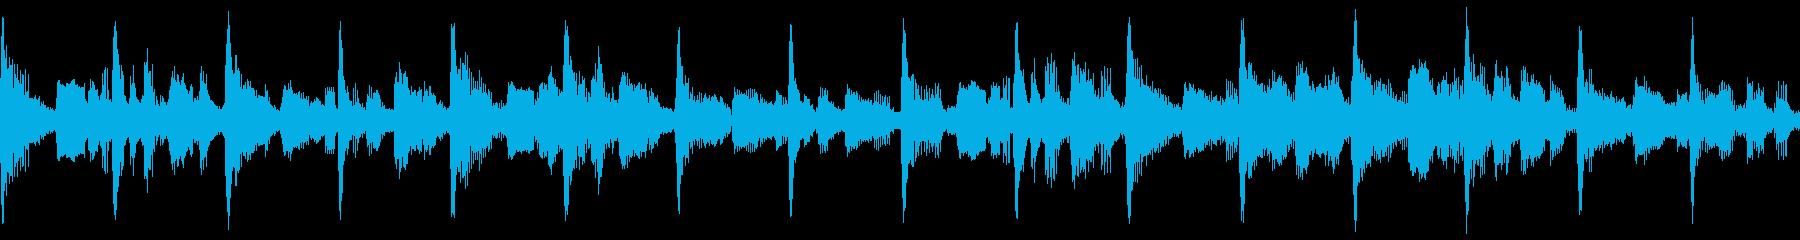 弦楽、ピアノ、ベル、チャイム、ベー...の再生済みの波形